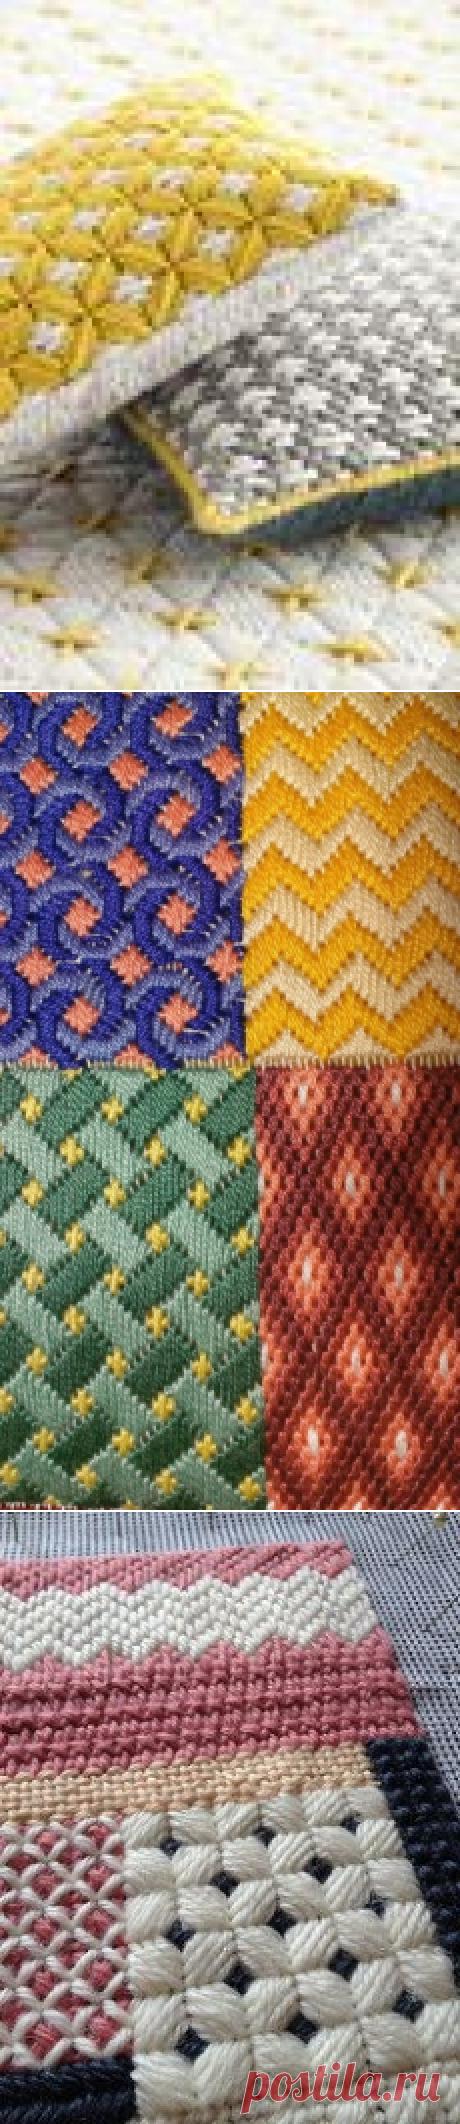 Барджелло - вышивка на сетке.